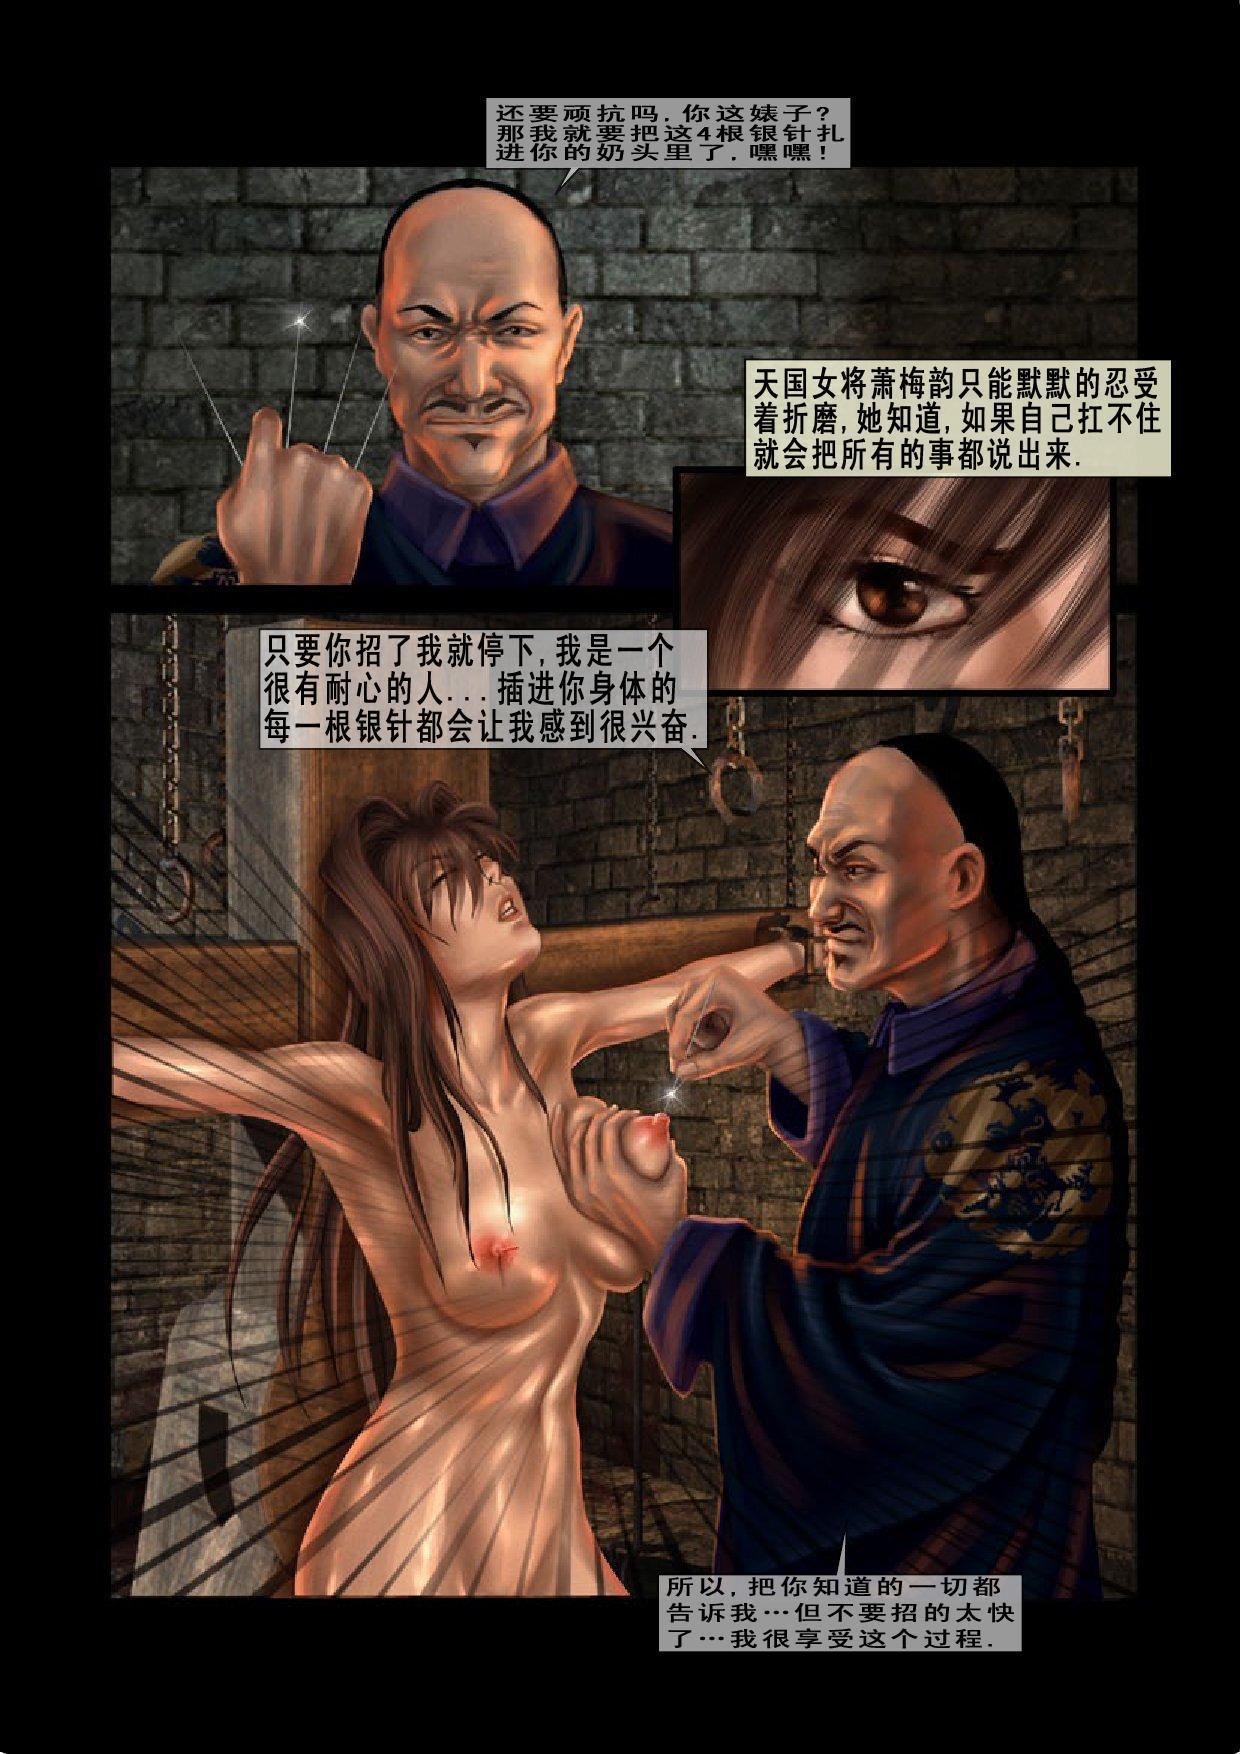 中国军阀的性奴1 9